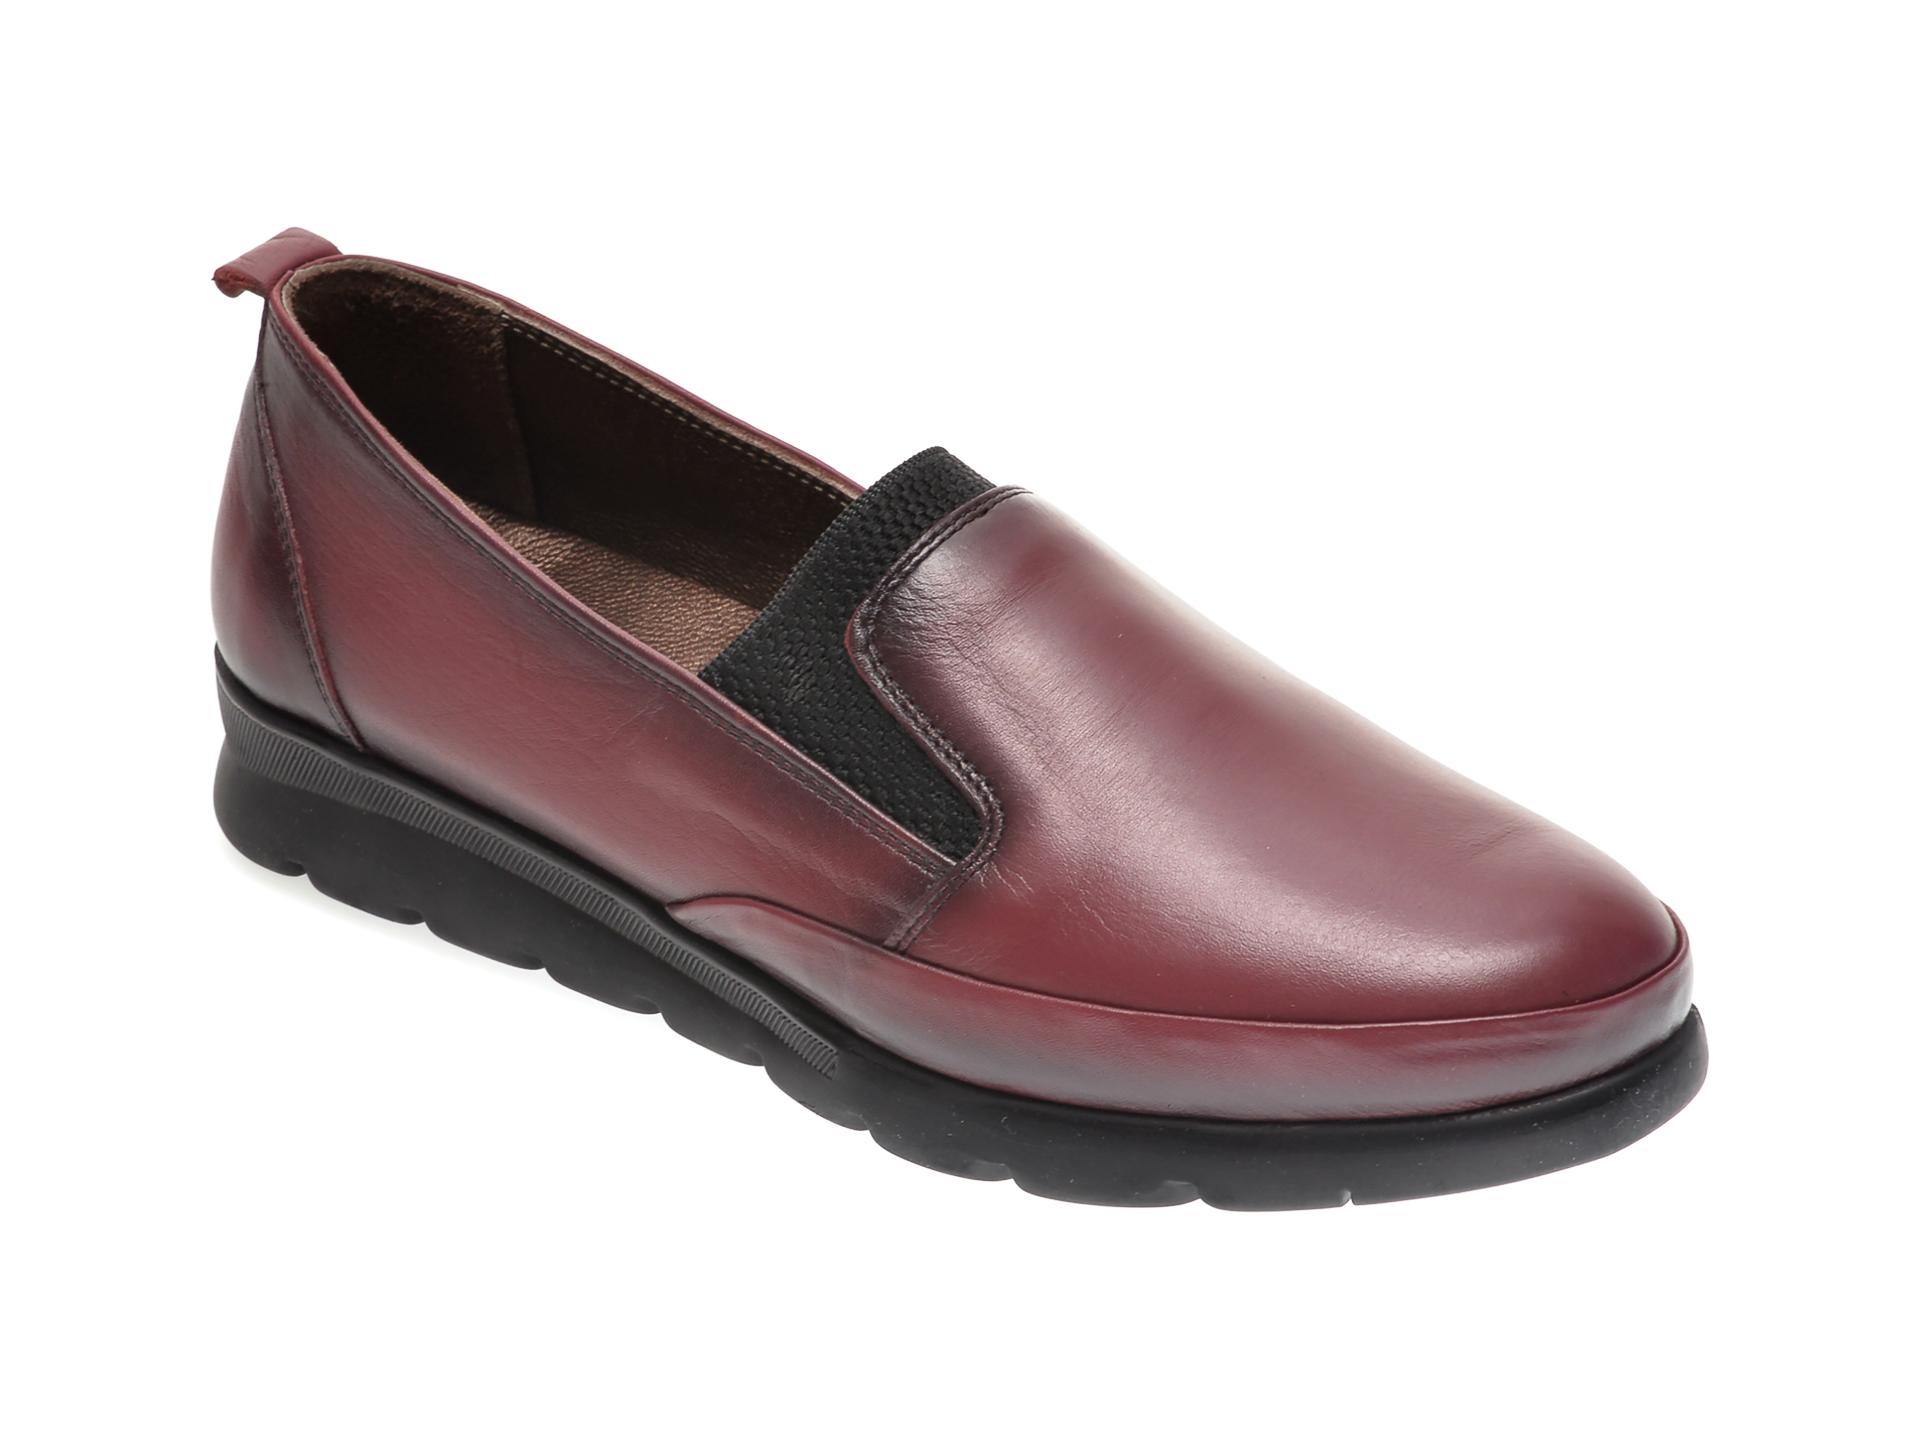 Pantofi ILOZ visinii, 740, din piele naturala imagine